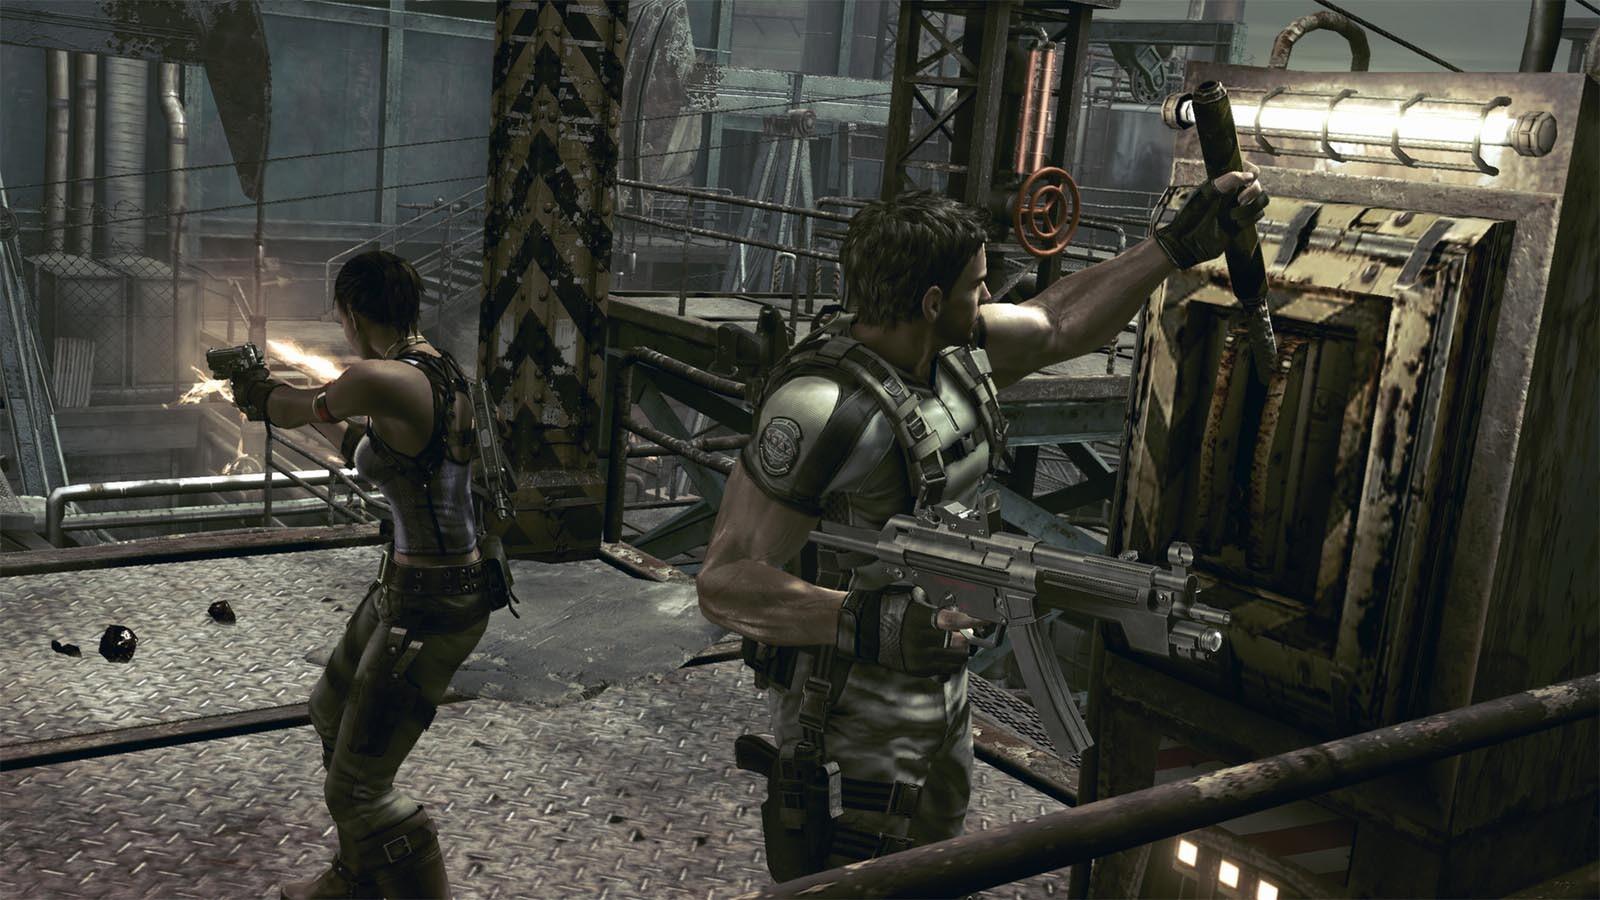 Resident Evil 5 [Steam CD Key] for PC - Buy now